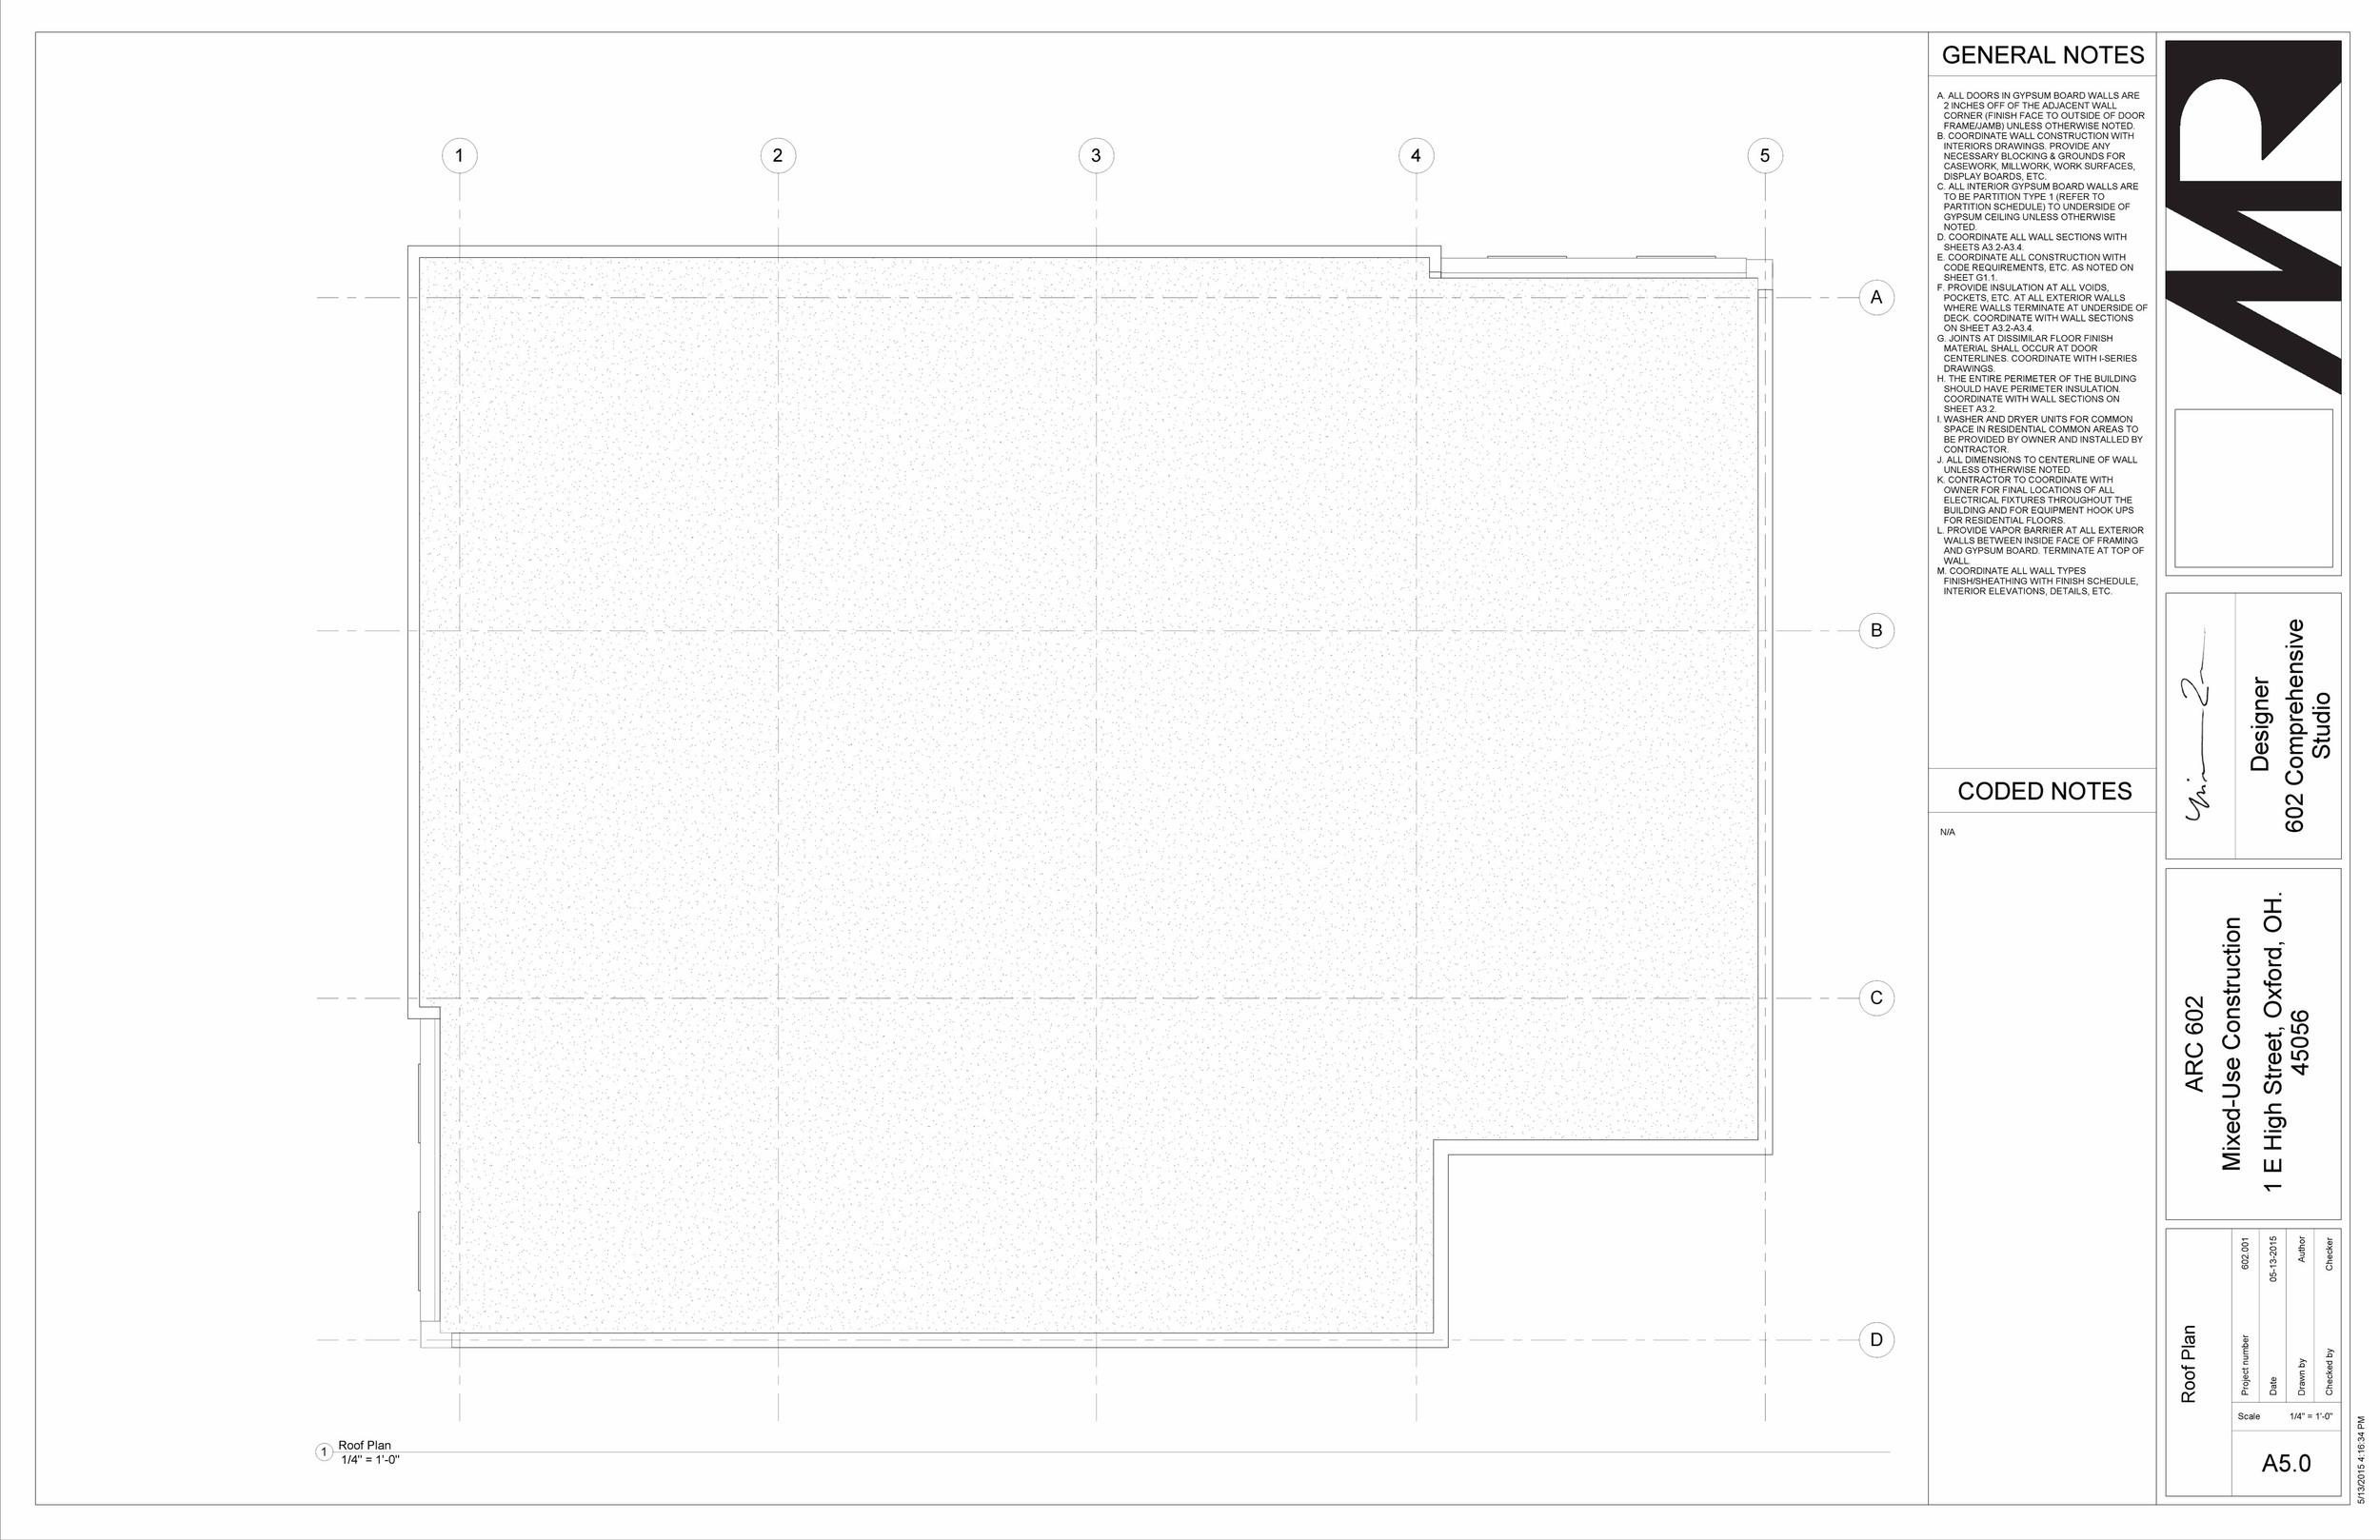 602 Studio - Sheet - A5-0 - Roof Plan.jpg